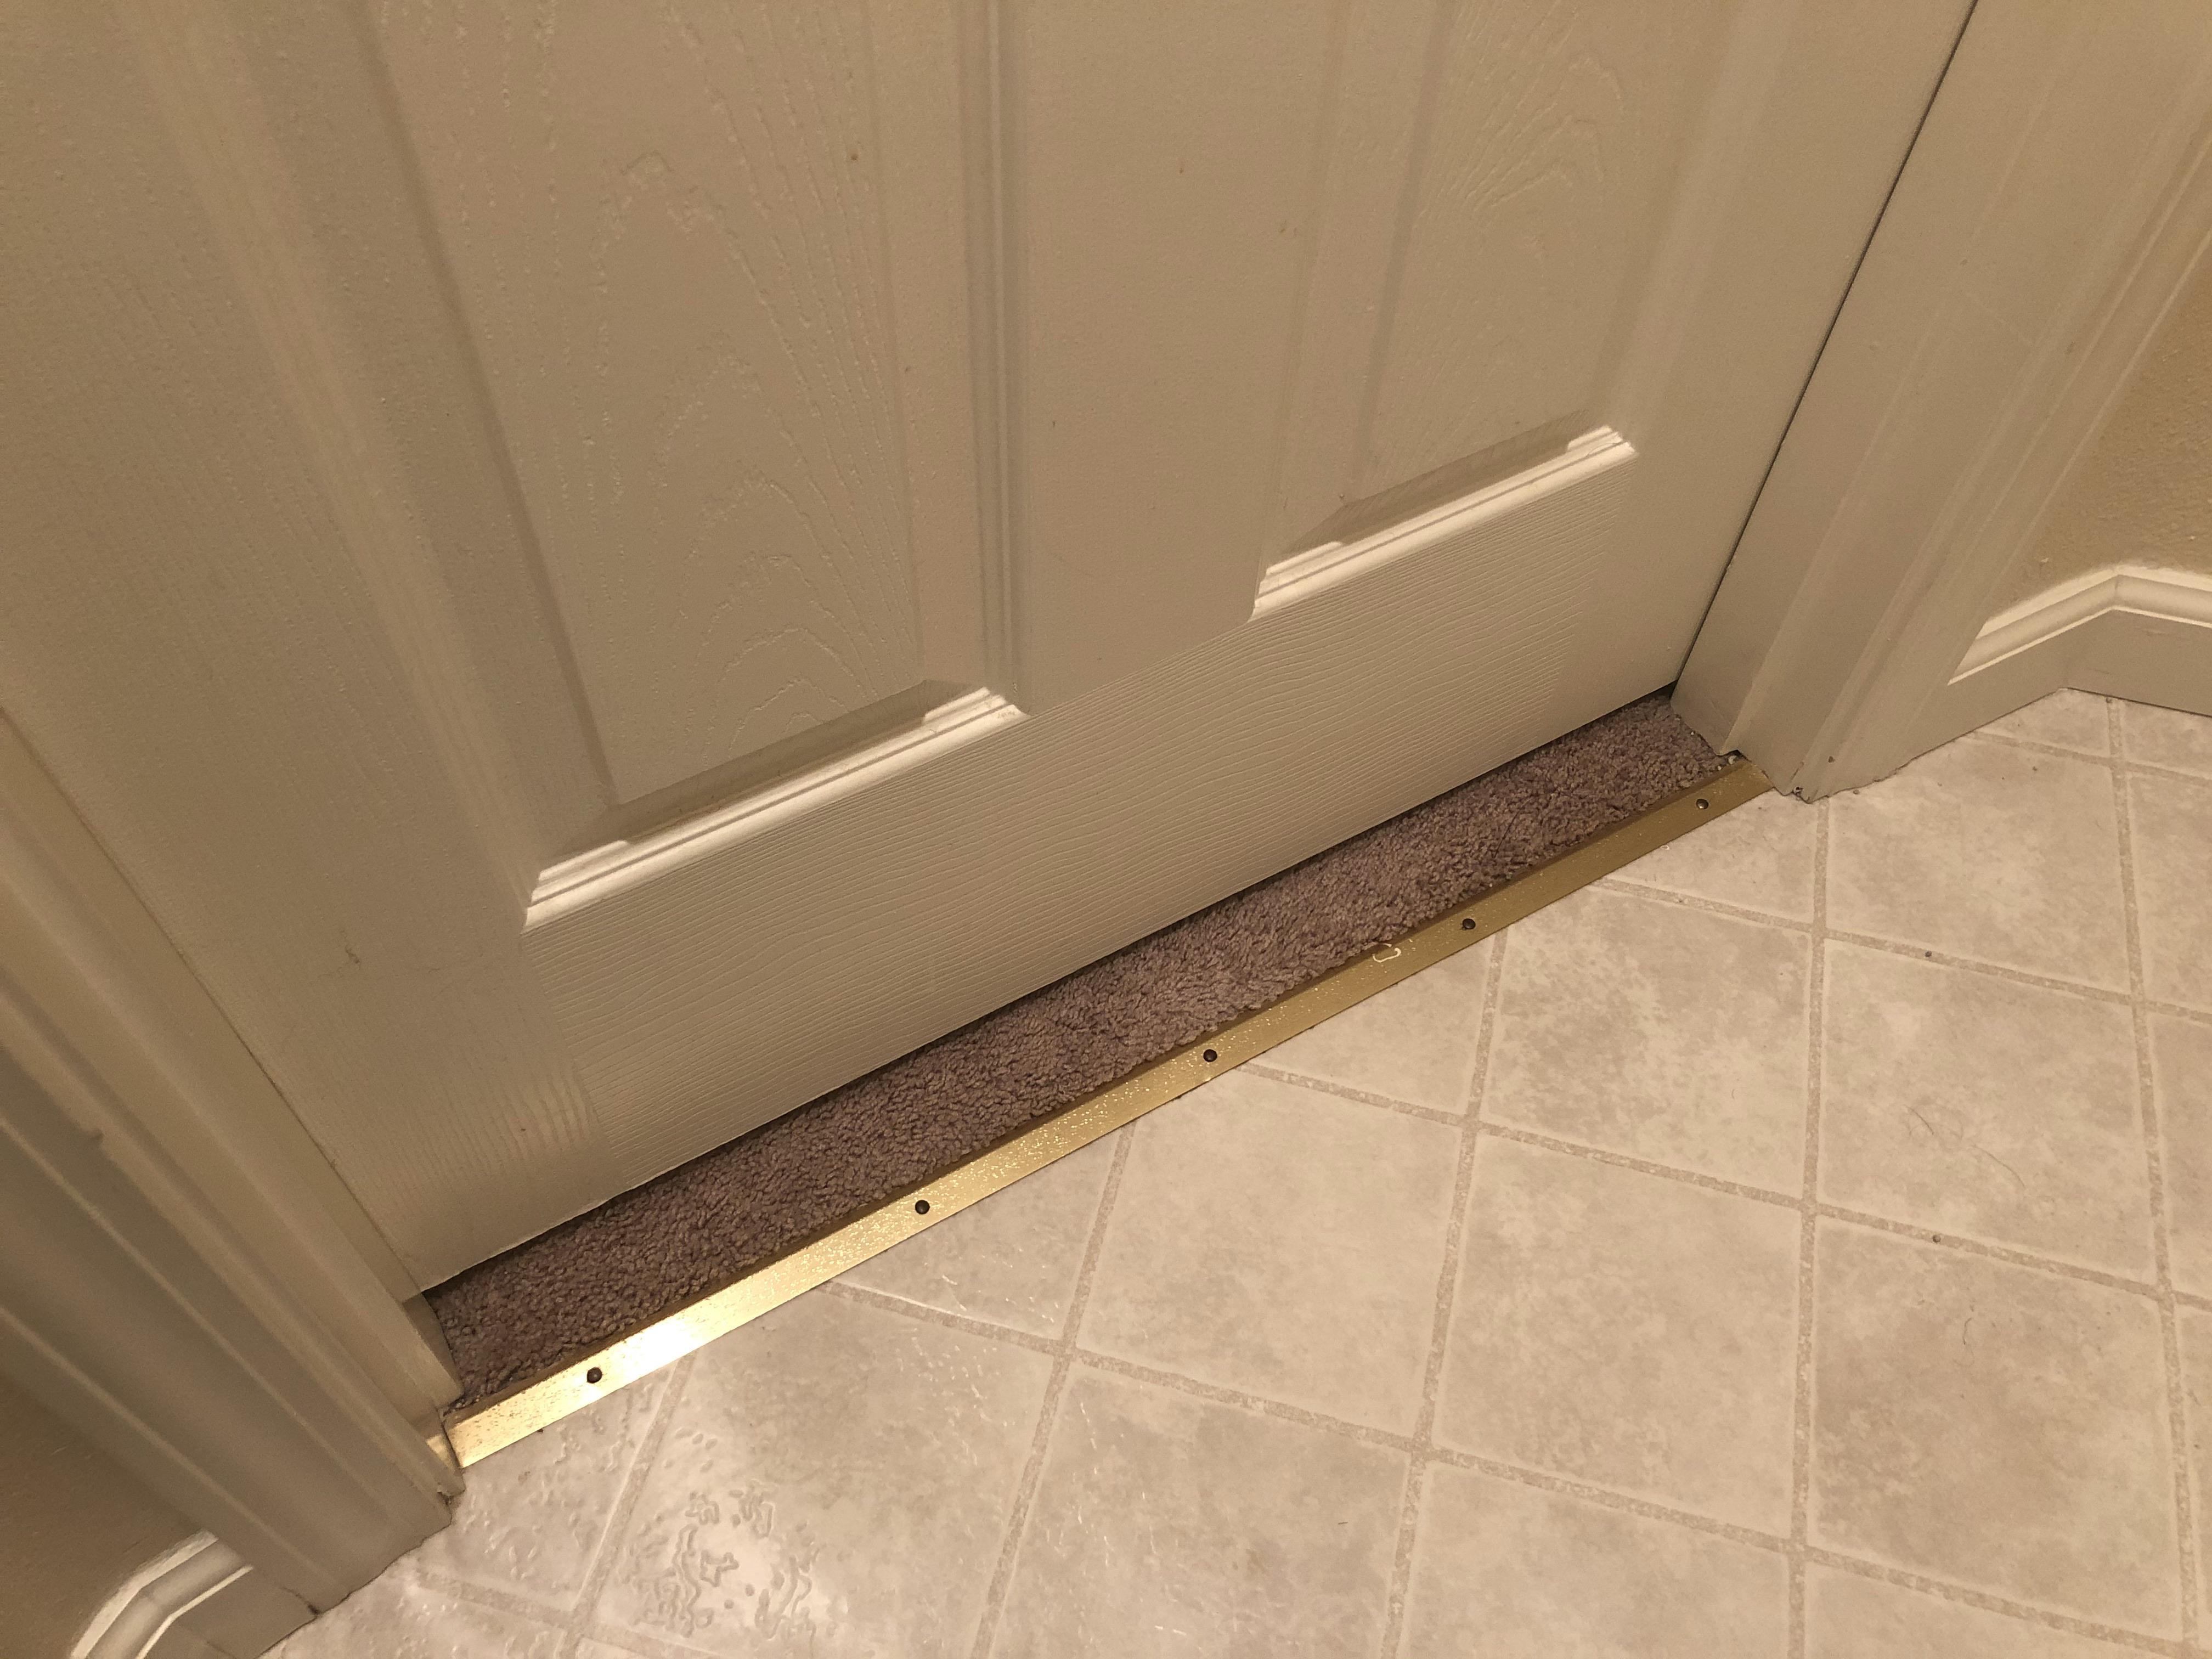 the location of this carpet edge trim